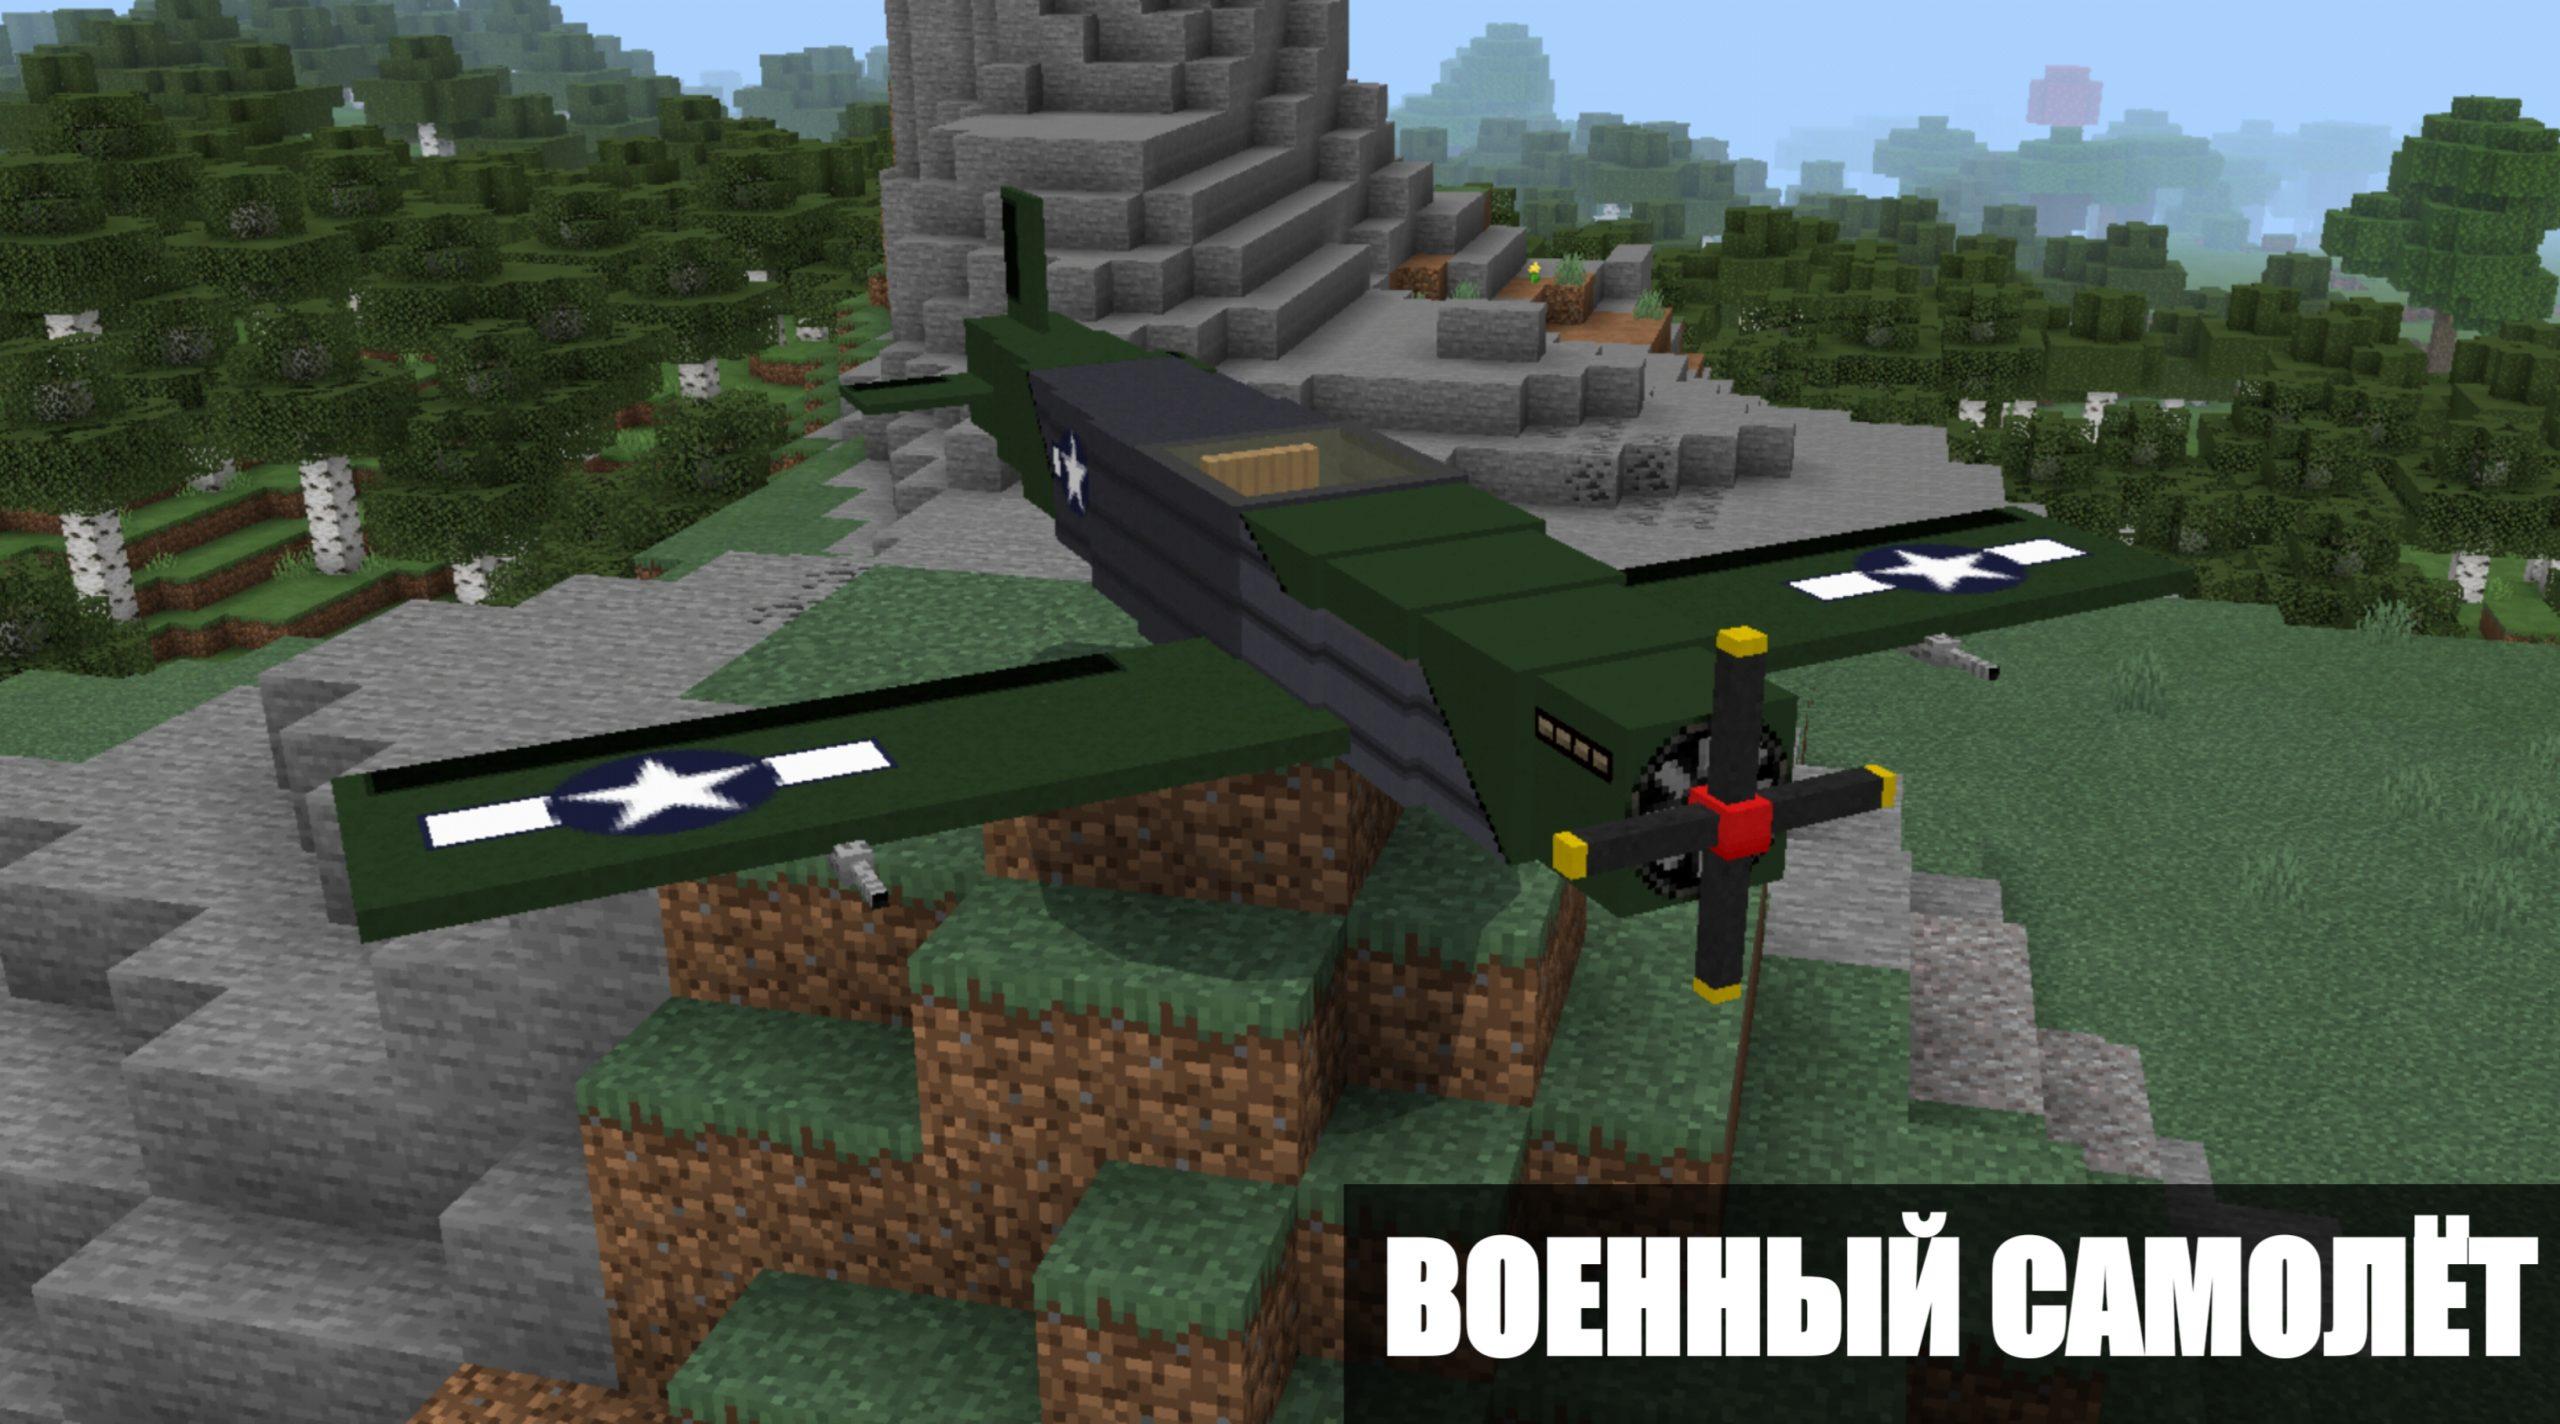 Военный самолёт в Майнкрафт ПЕ